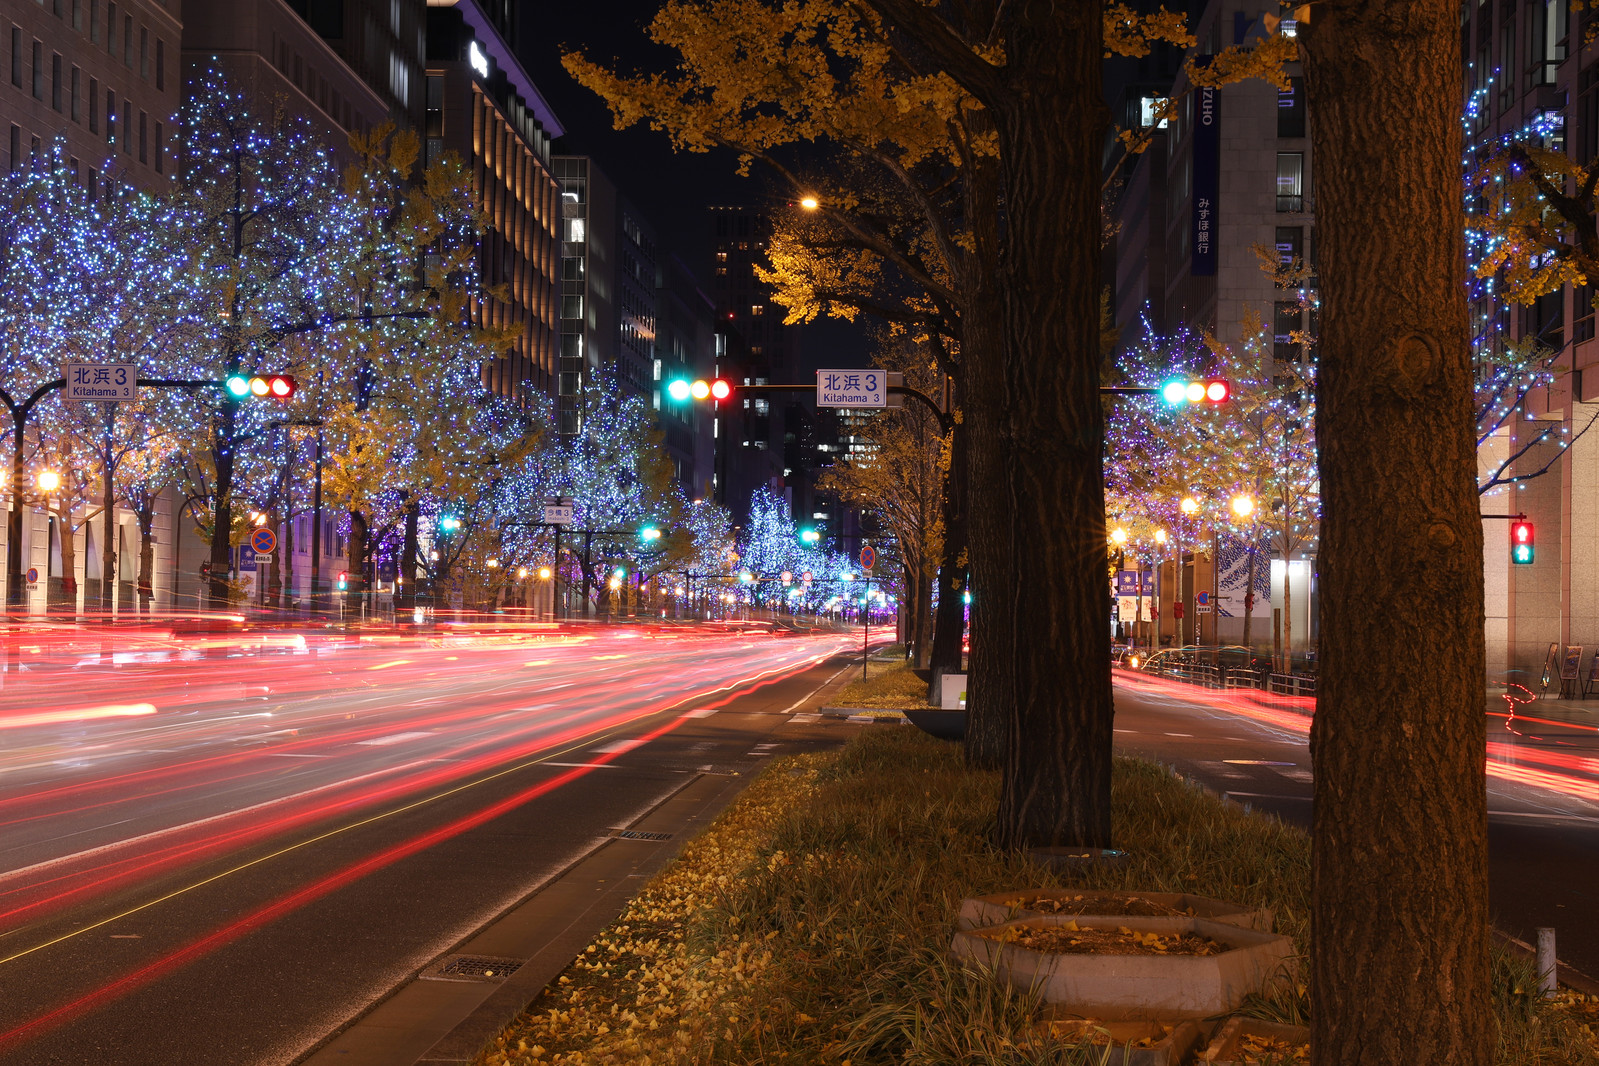 「電飾で彩られた街並みと車の光跡」の写真